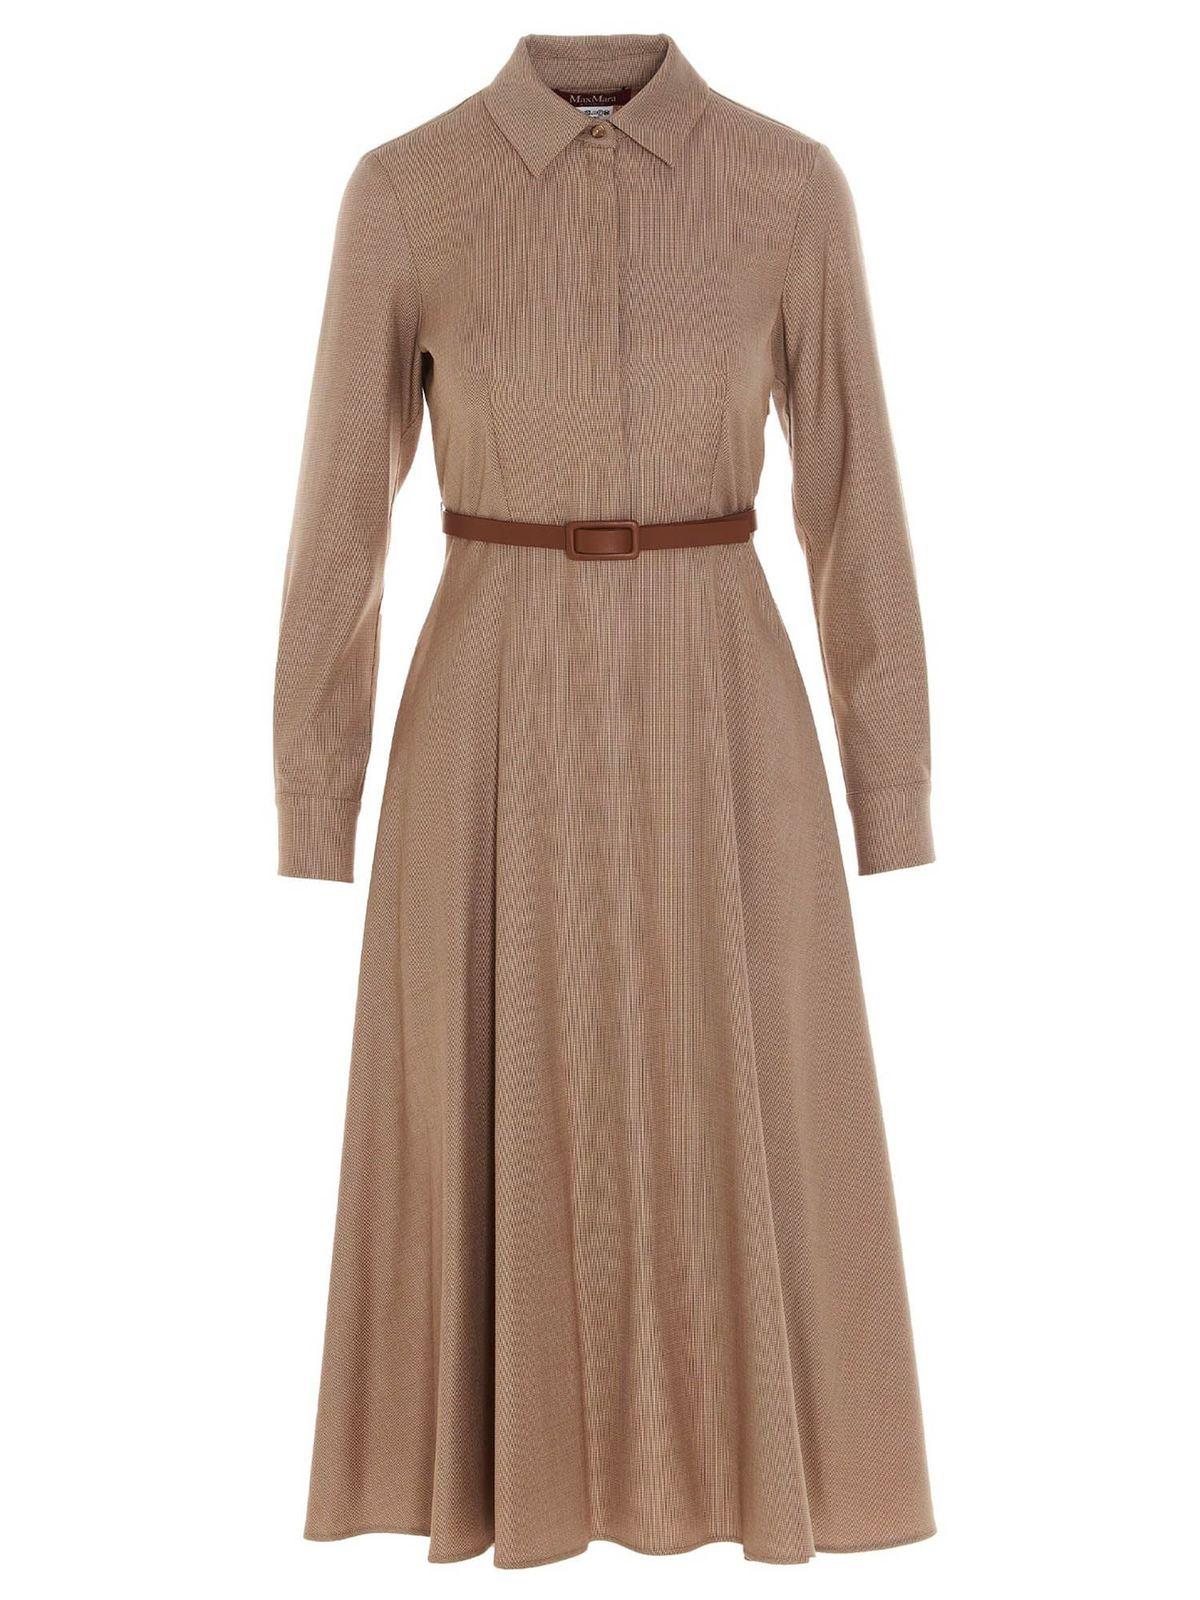 Max Mara Dresses MARABOU DRESS IN BEIGE